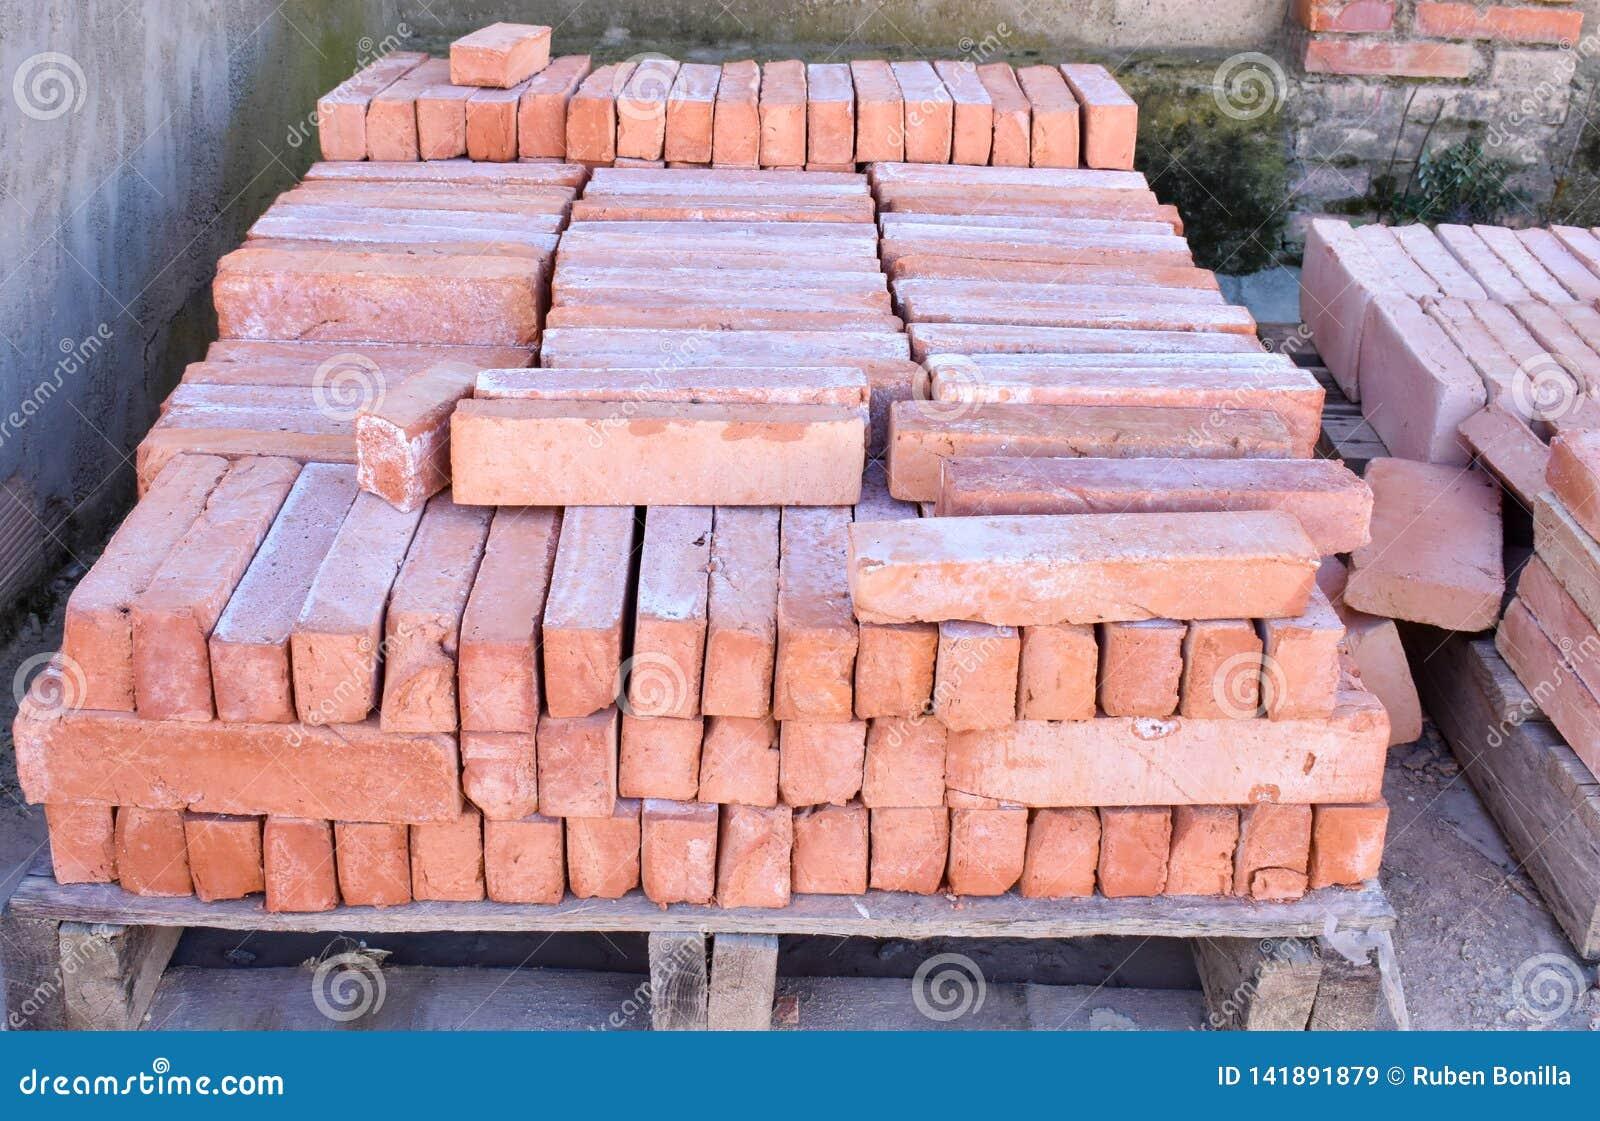 Ciérrese para arriba de un un montón de madera de la plataforma de ladrillos rojos apilados viejos Los ladrillos se piden en much